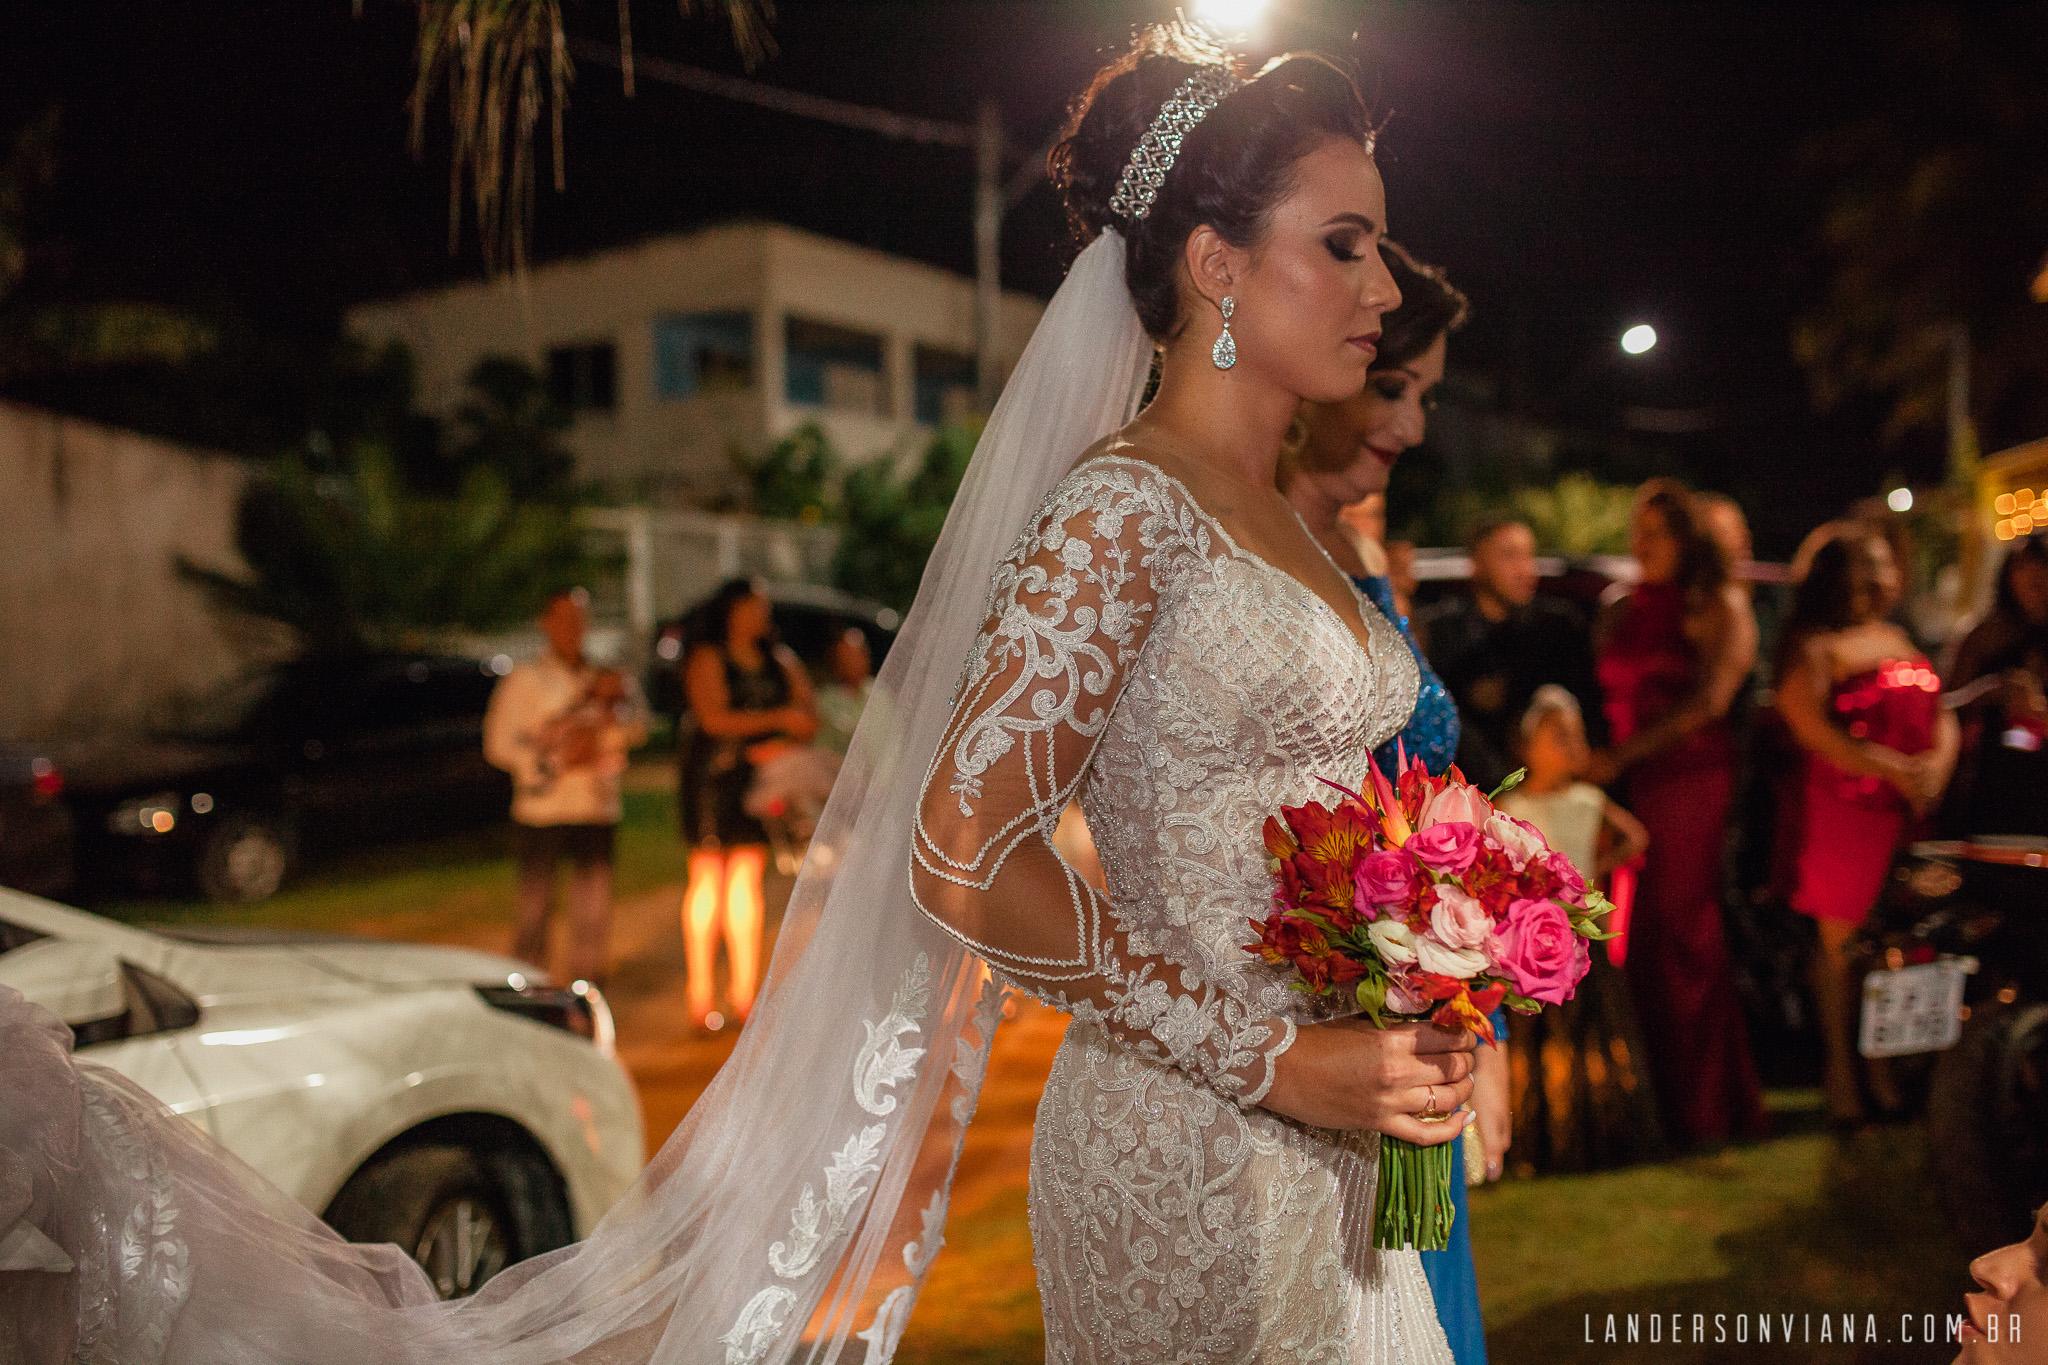 casamento_ar_livre_festa_jessica_raphael-10.jpg